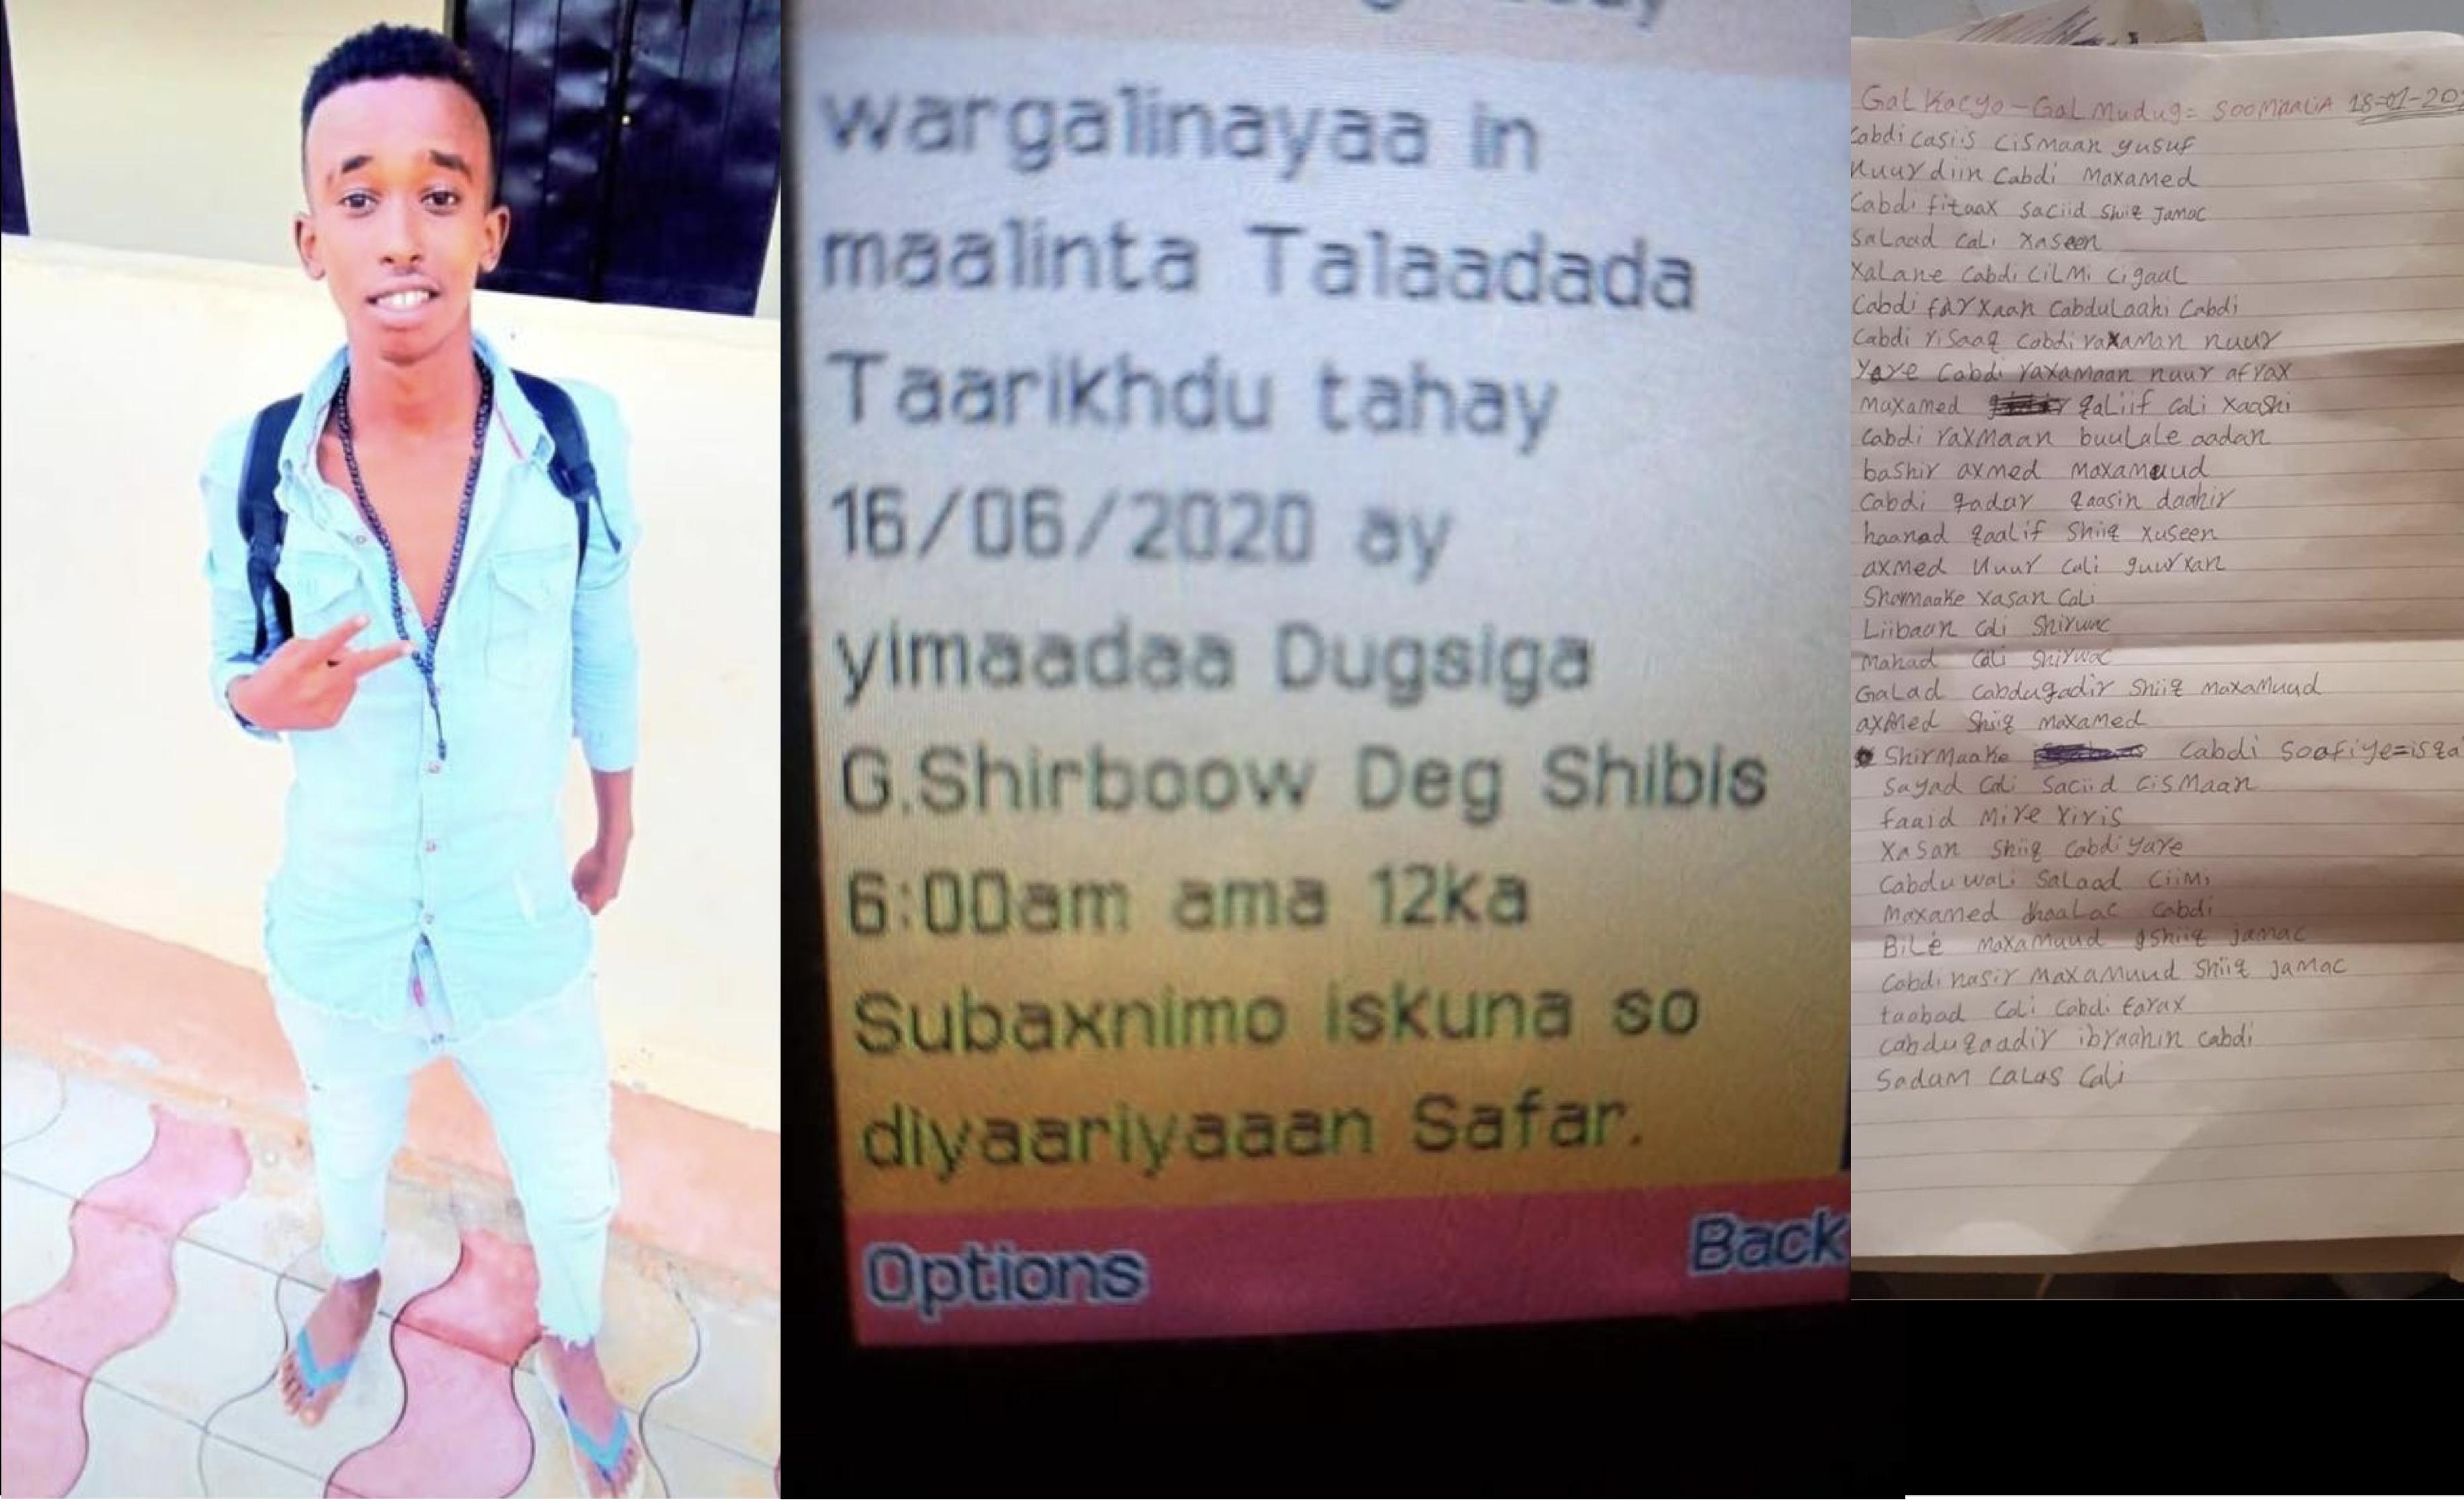 Liiska dhalinyarada la xaday ee Eritrea loo qaaday kadibna la waayay warkooda? qeybta 1-aad